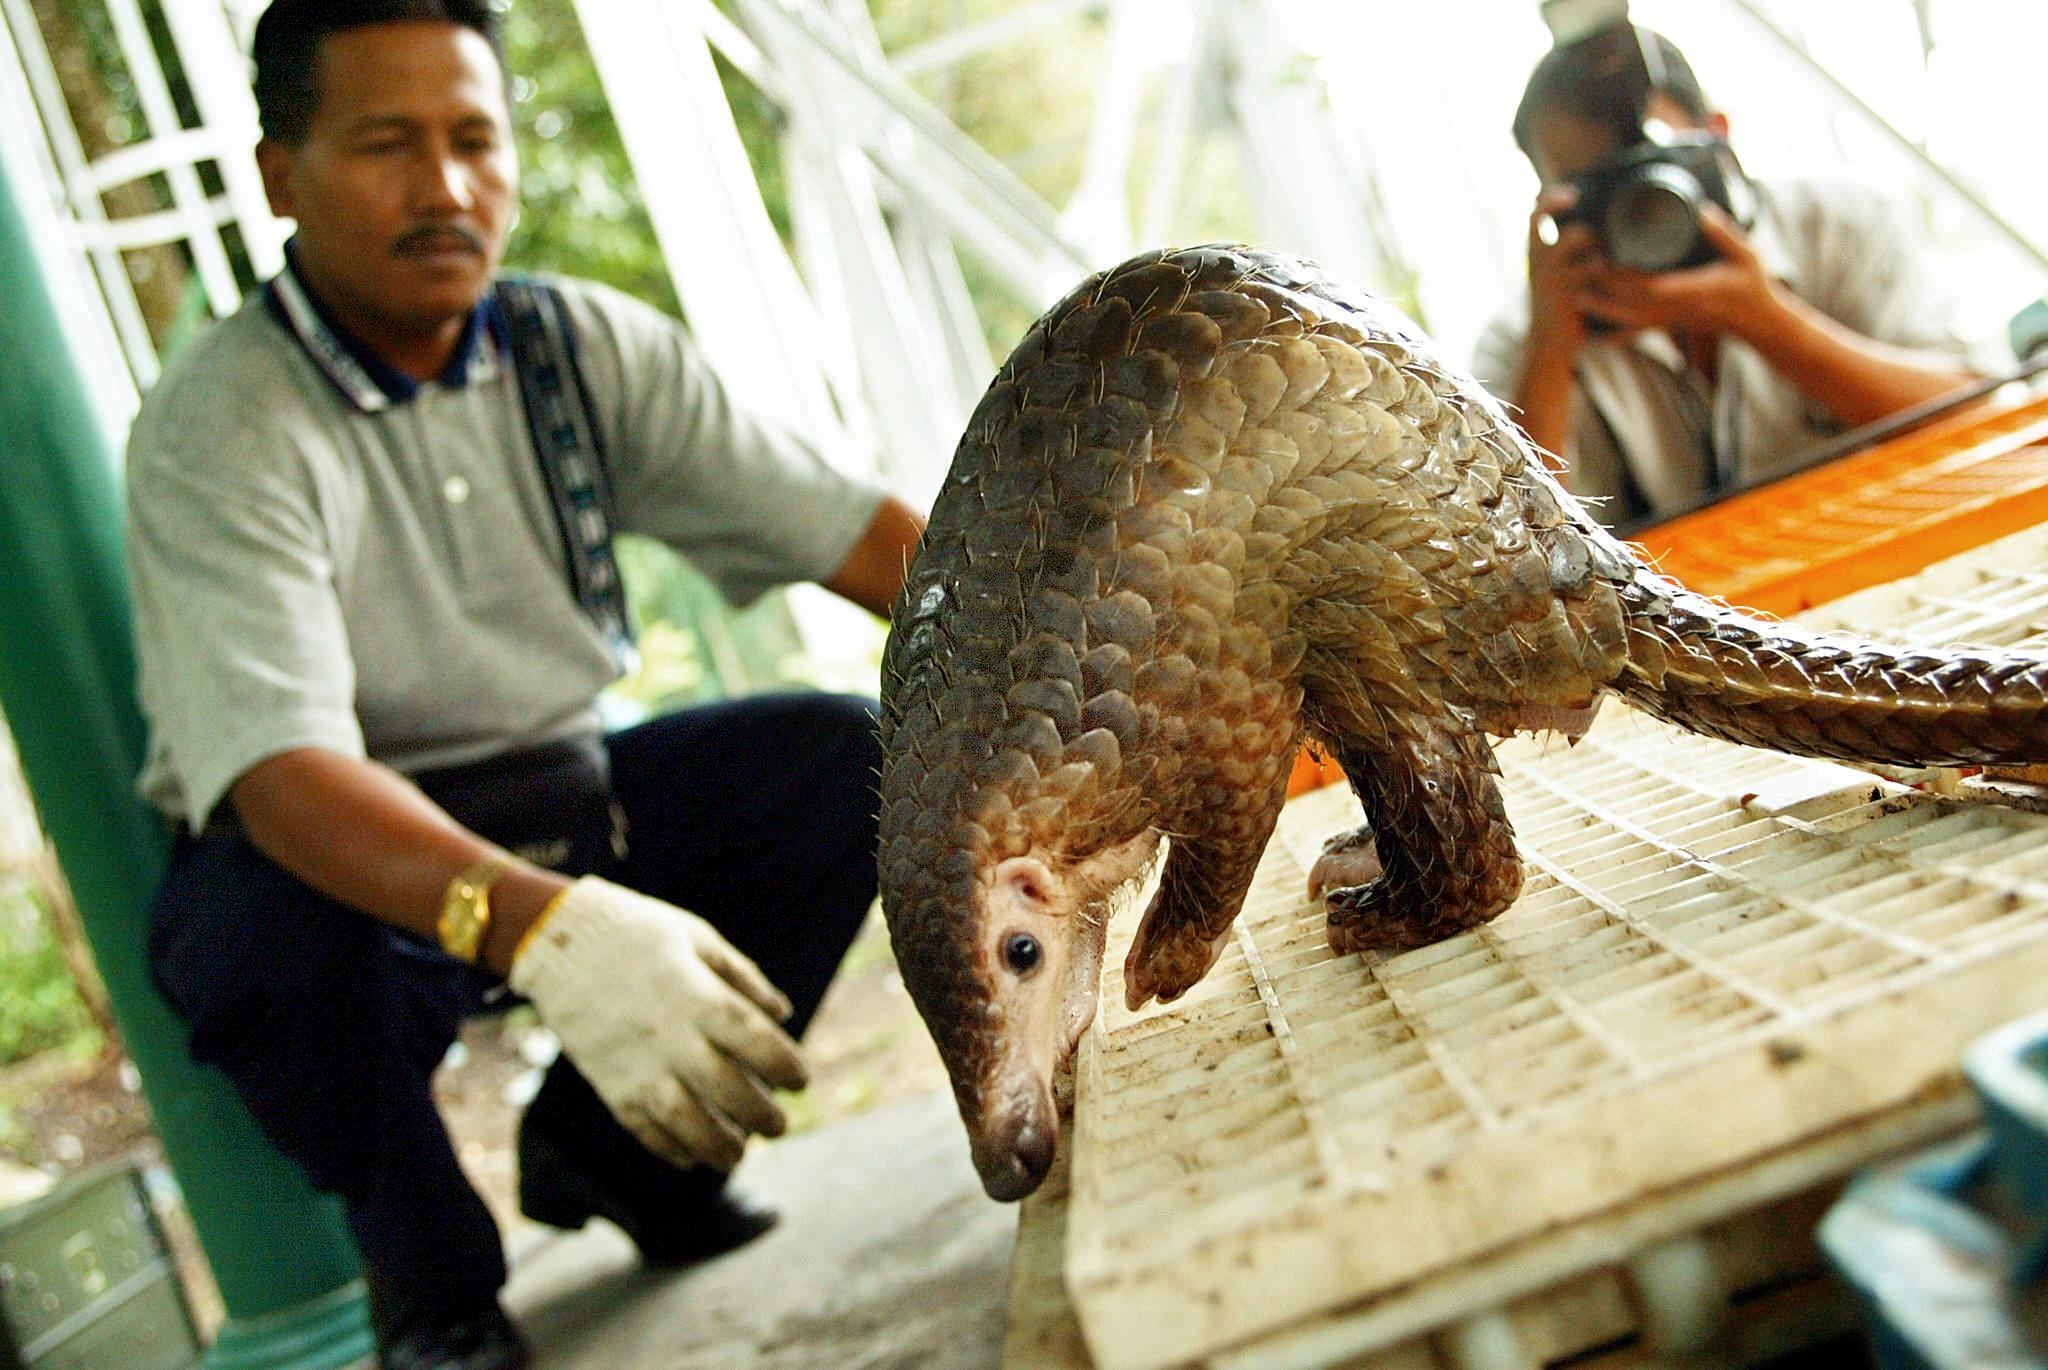 Un pangolin malaisien photographié à Kuala Lumpur en 2002. Pour se protéger, cet animal se met en boule. Il chasse les insectes à l'aide de sa langue, très longue.